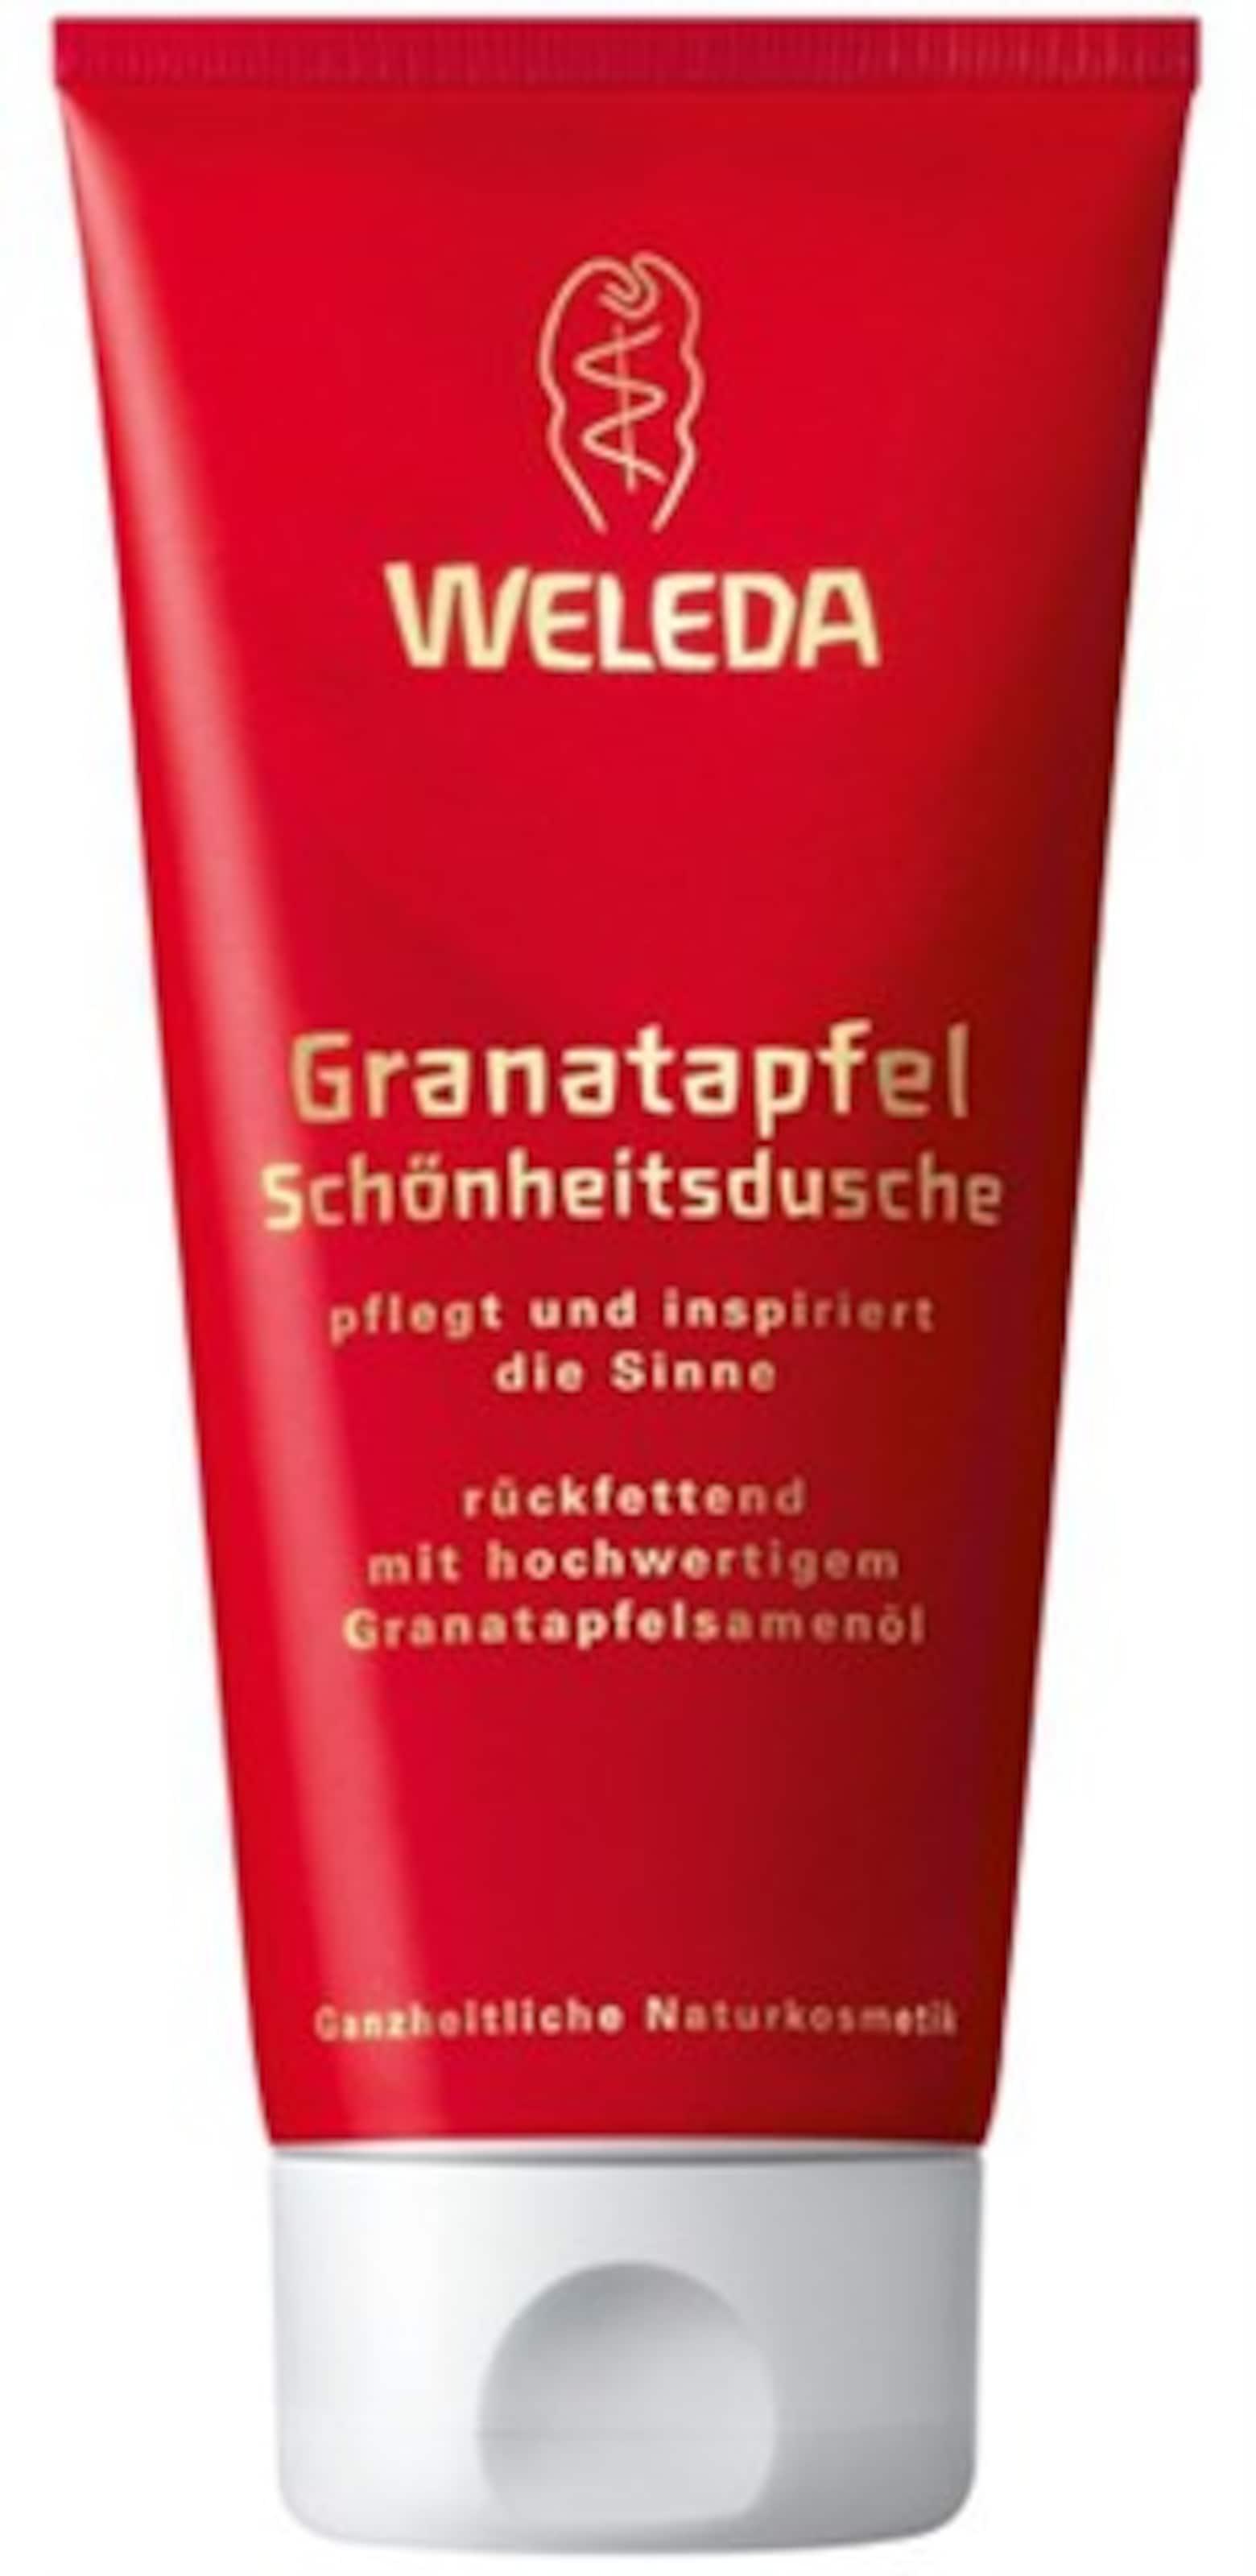 WELEDA 'Granatapfel Schöheitsdusche', Duschgel, 200 ml